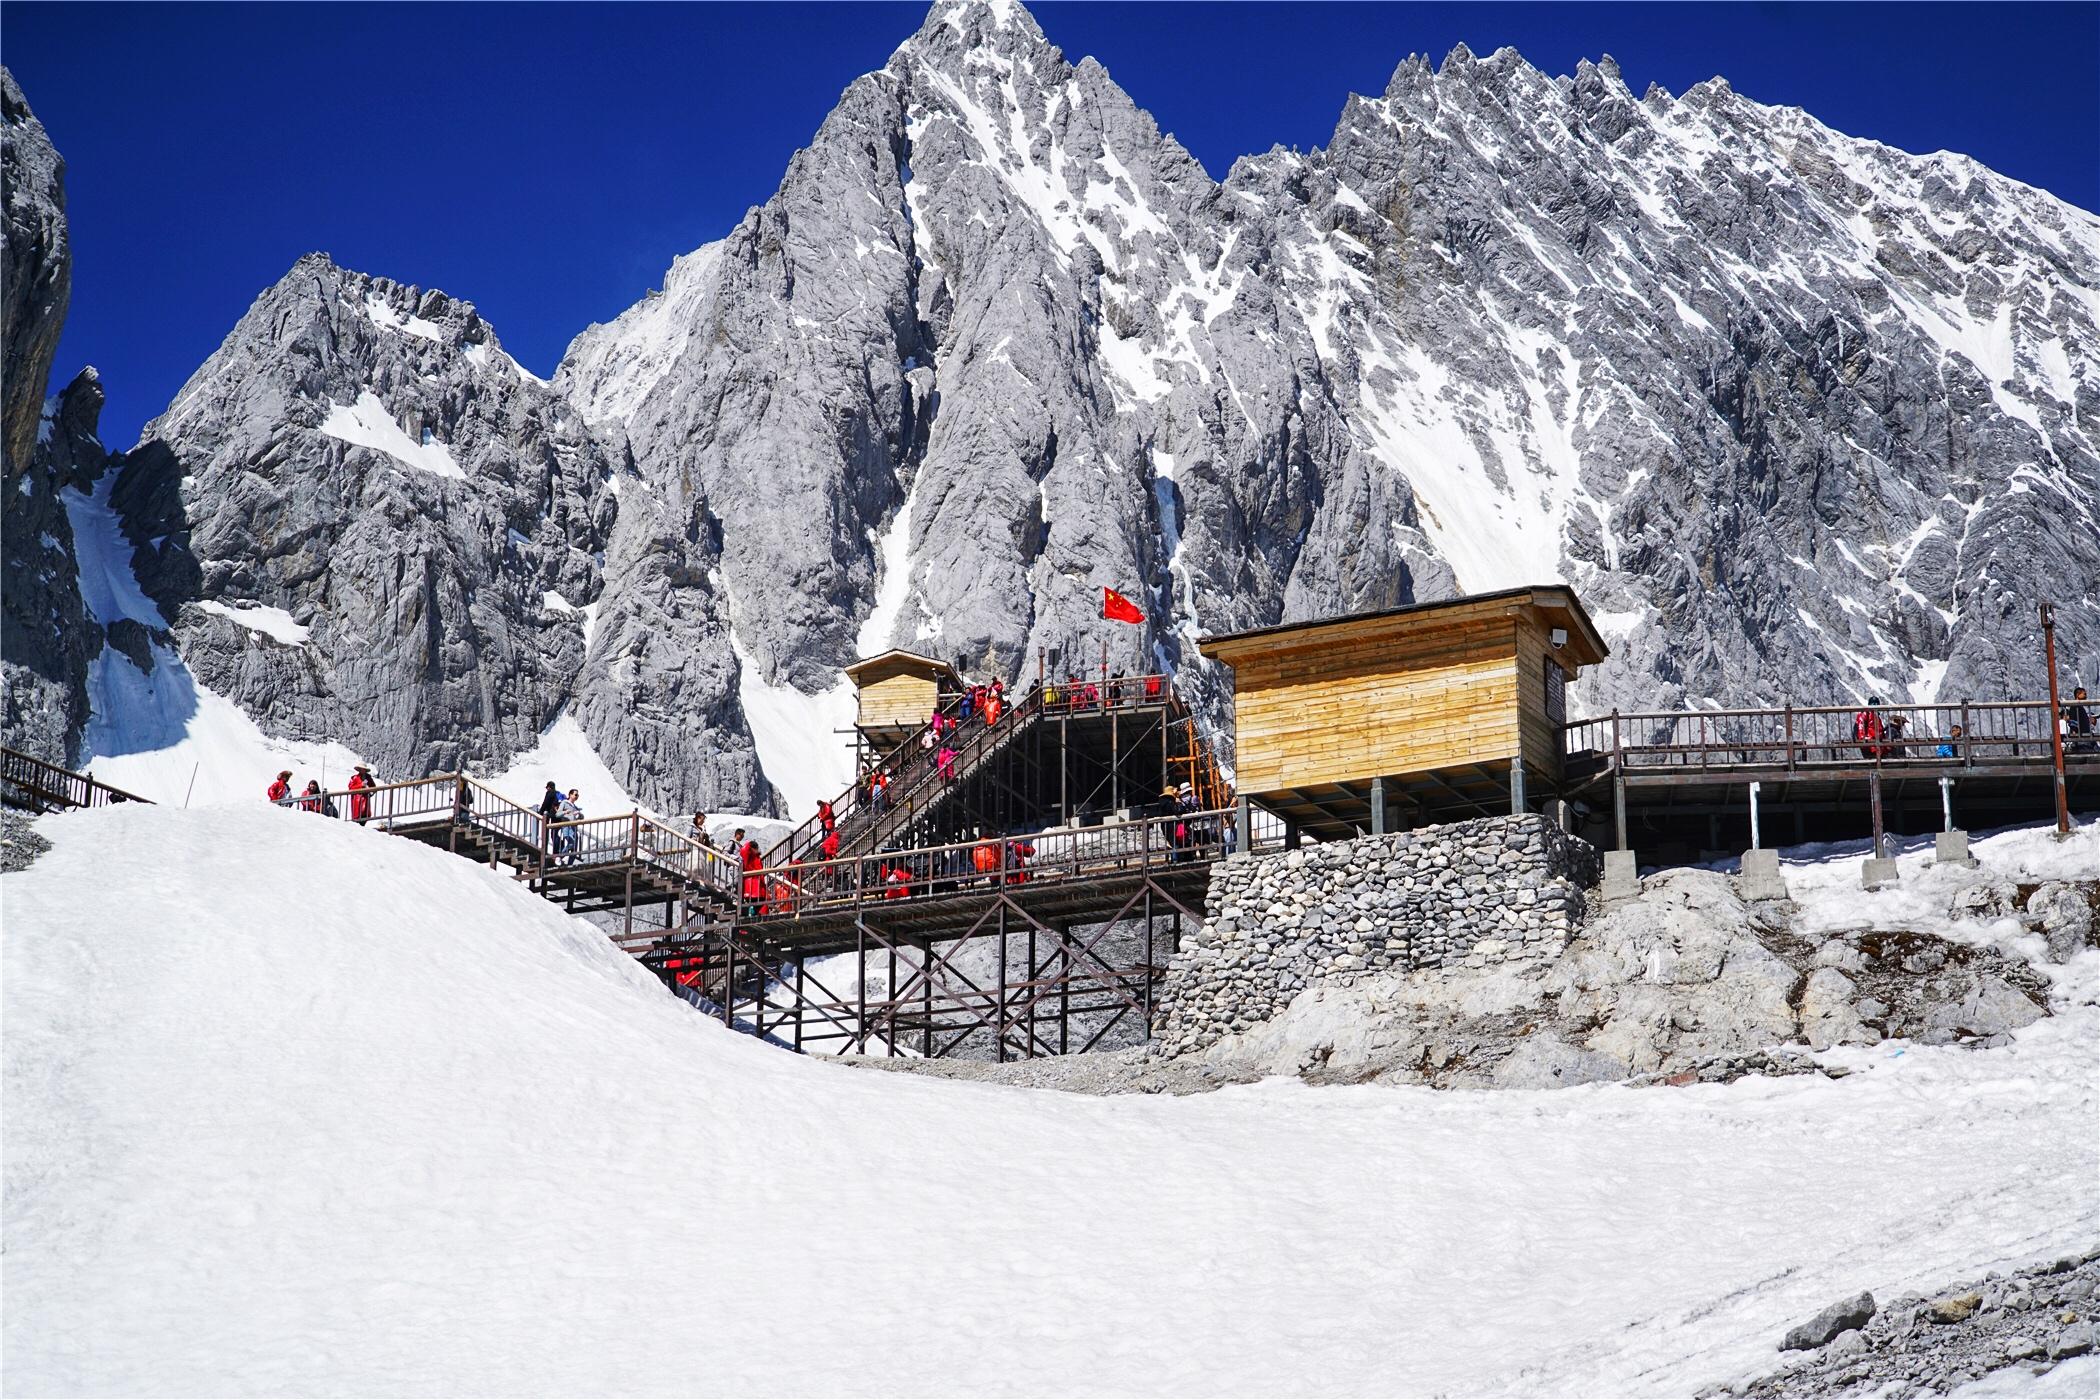 玉龙雪山海拔高度_北半球海拔最高的山峰在丽江,是纳西人心目中的神山_雪山